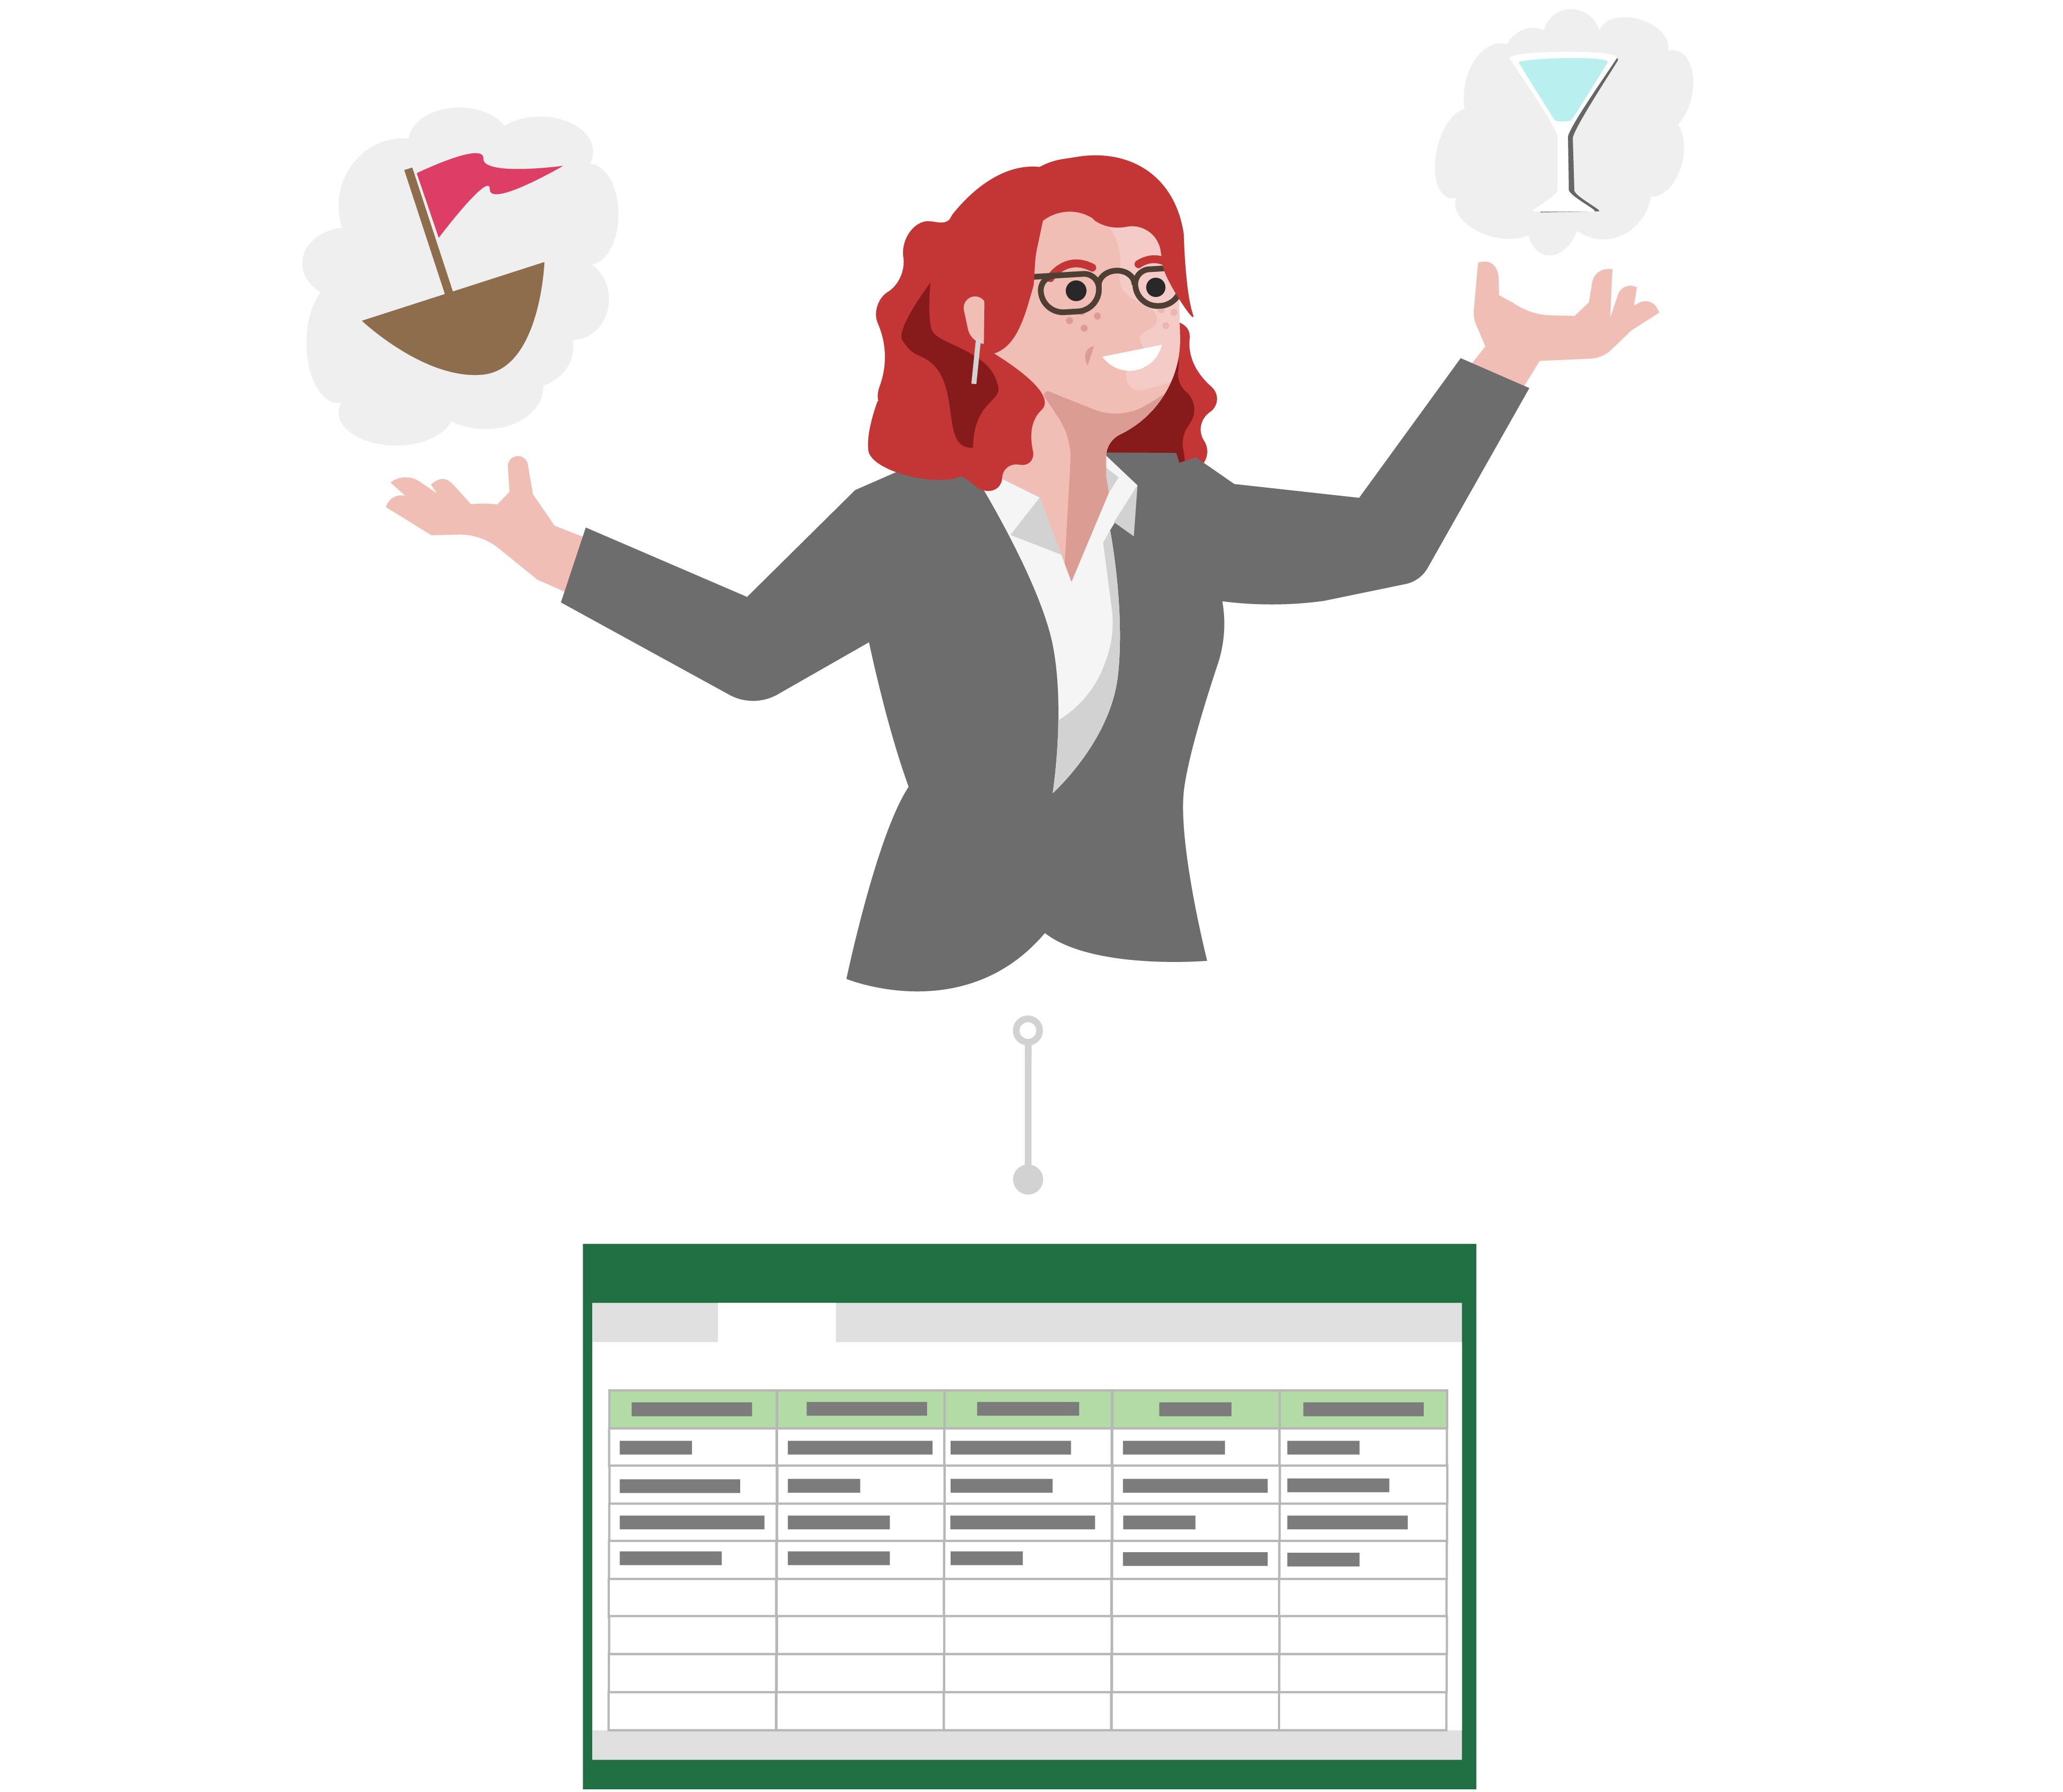 Для Линда требуется обратная связь с идеями, поэтому она создает электронную таблицу и сохраняет ее в облаке.